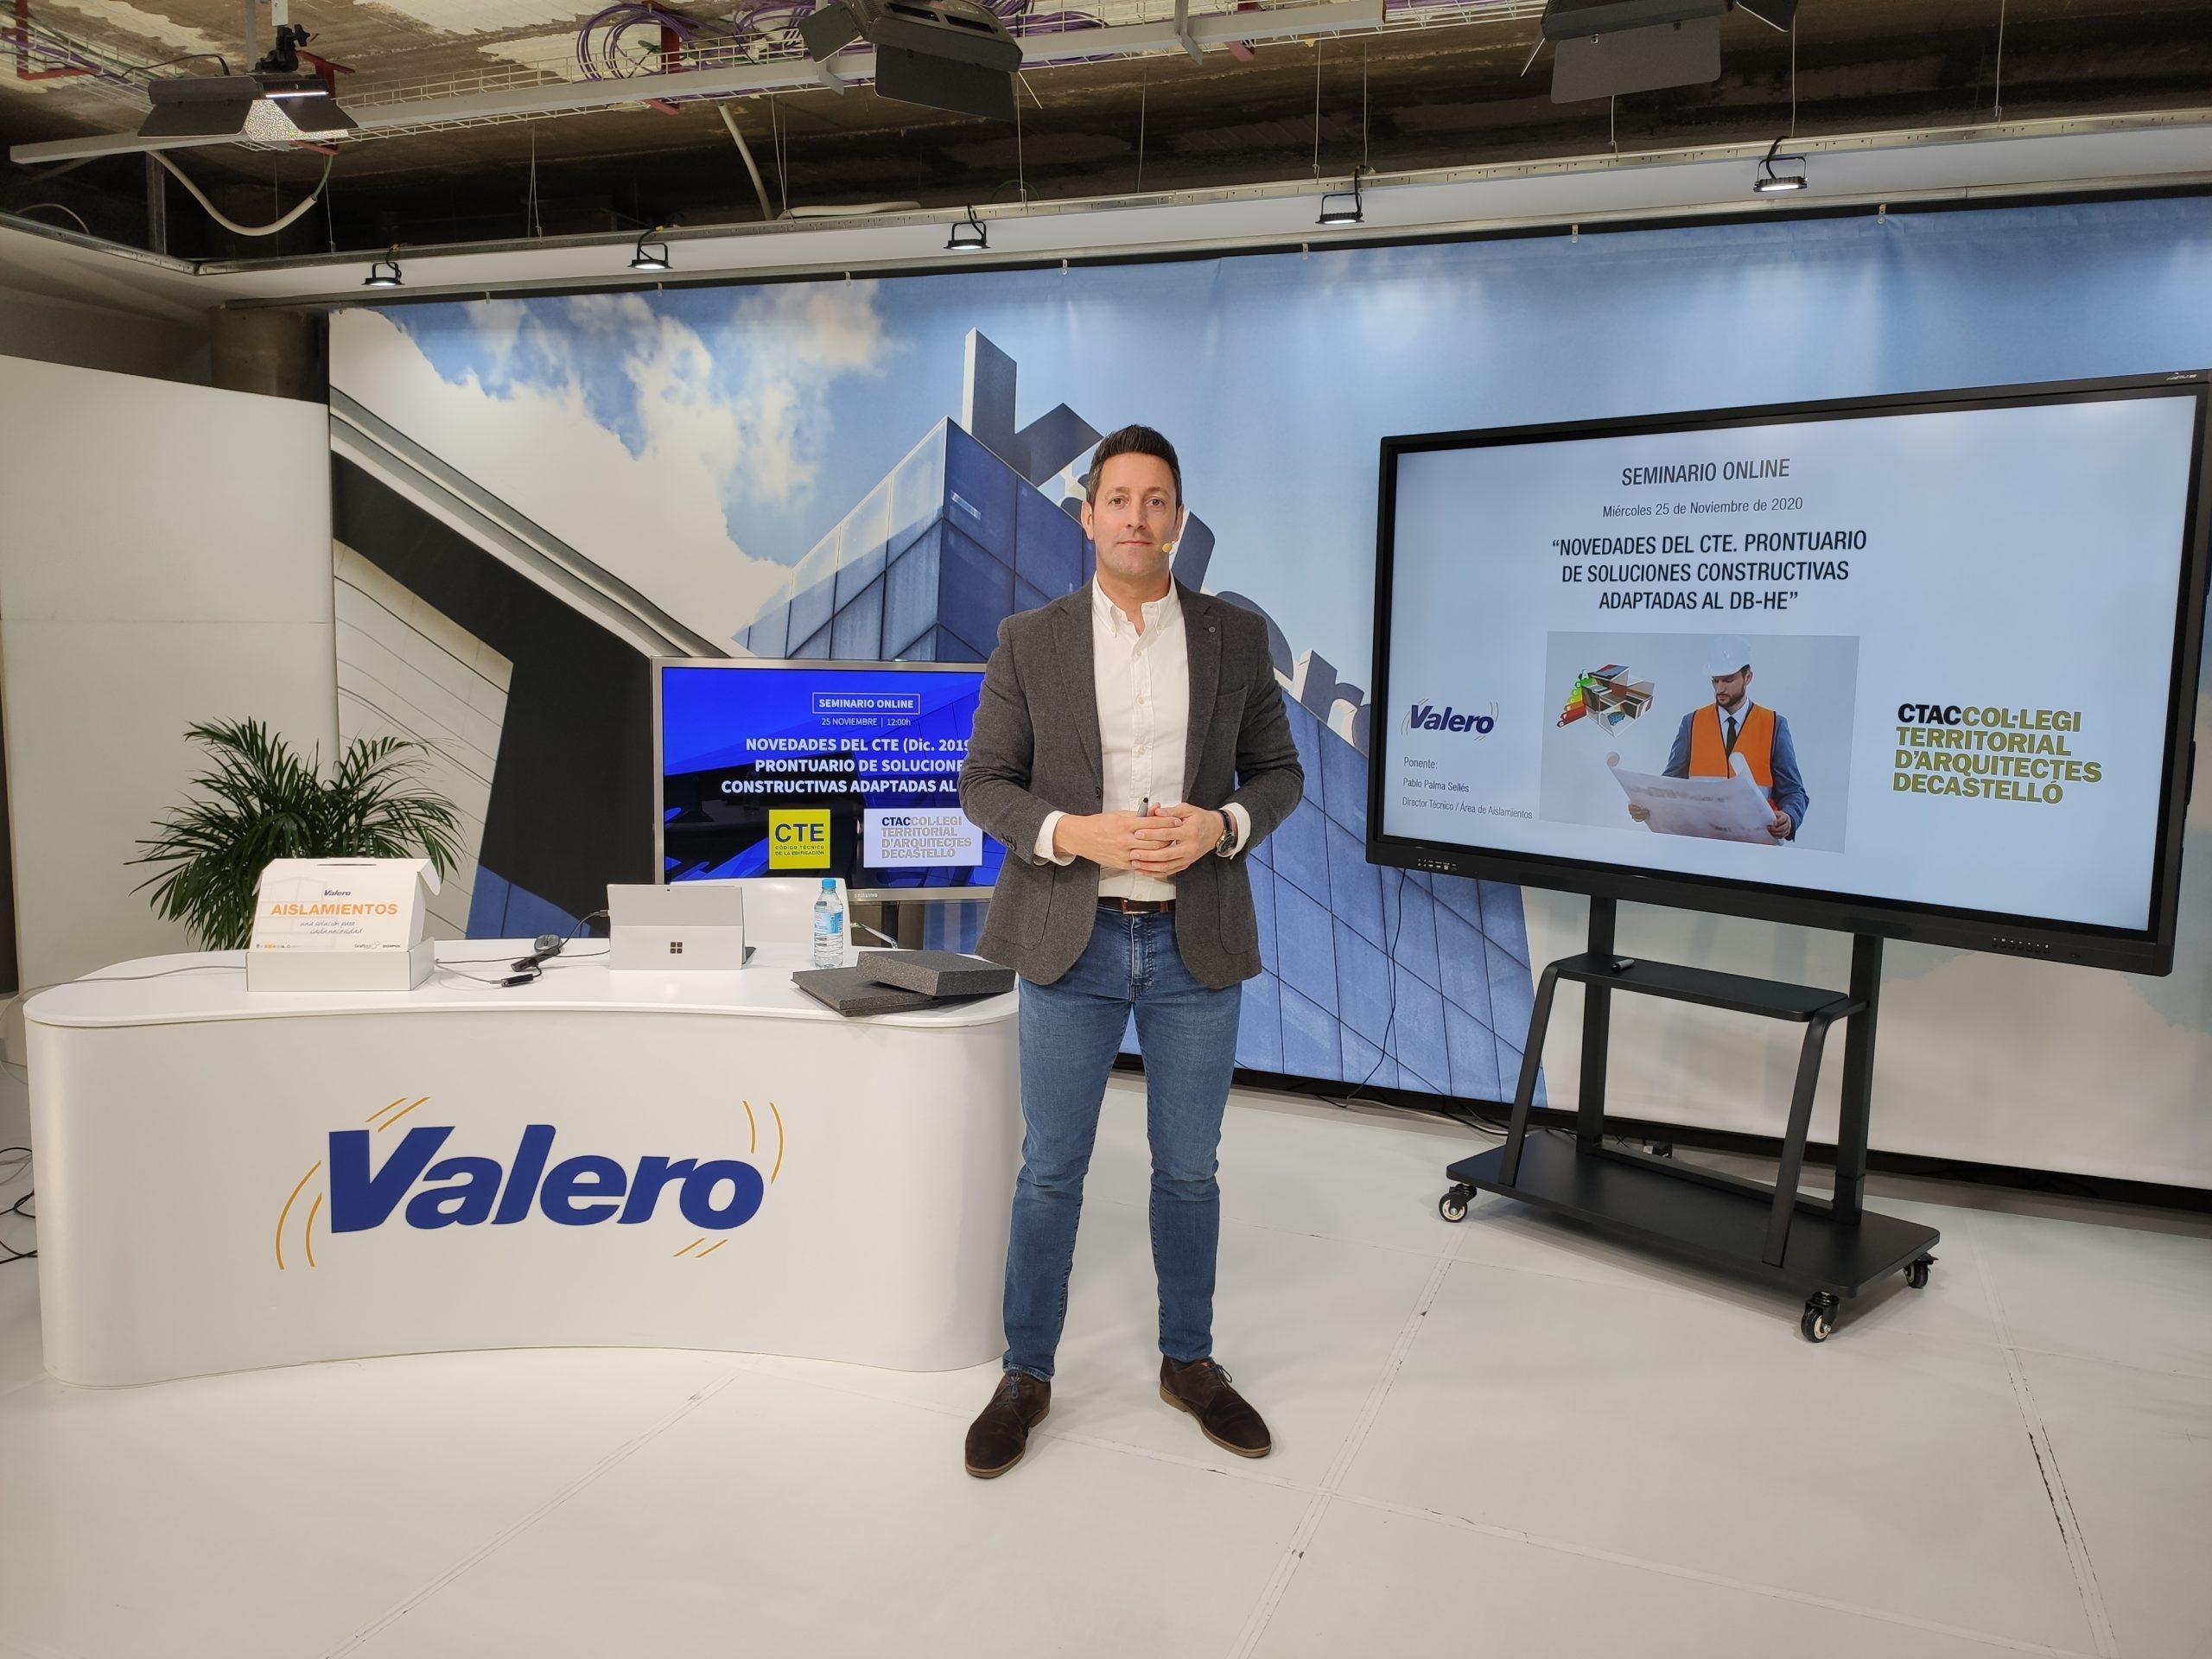 Próximos seminarios web para los Colegios de Valencia, Madrid y Murcia